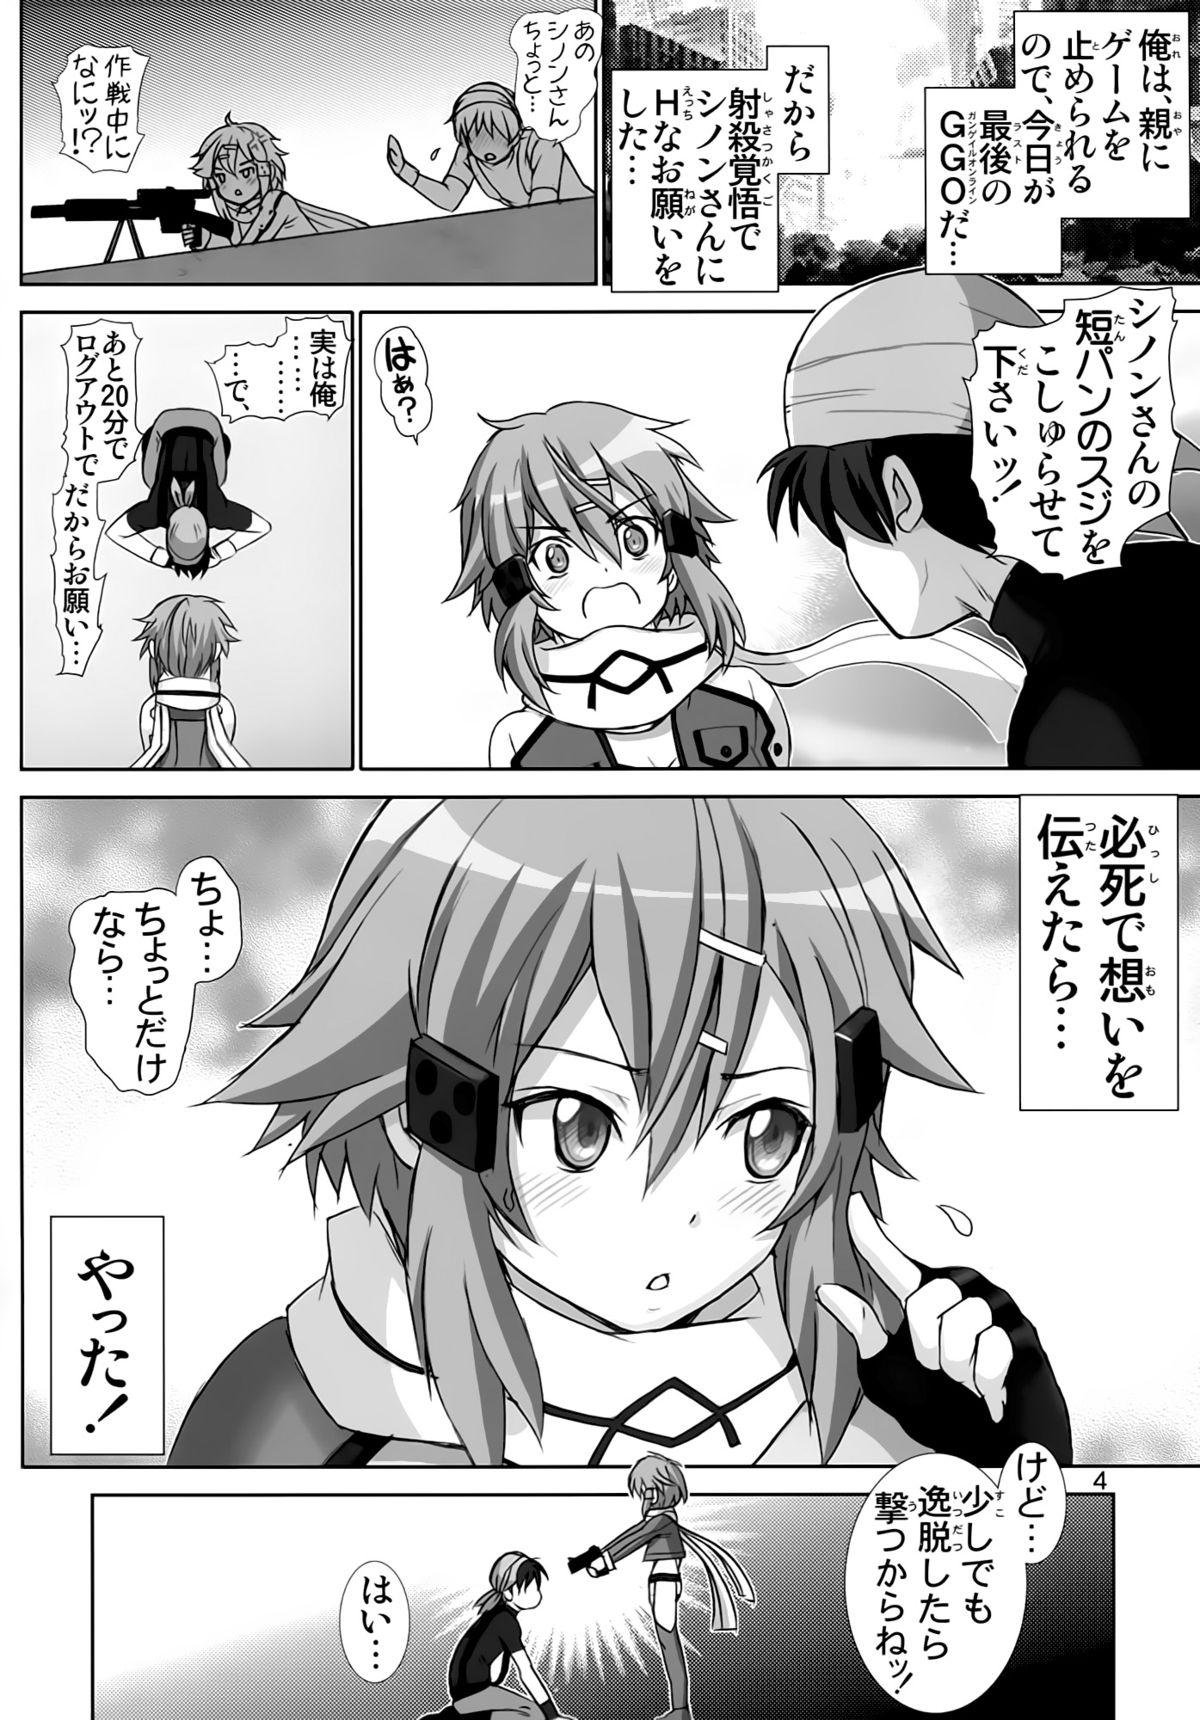 Koshurasete Shinon-san 2